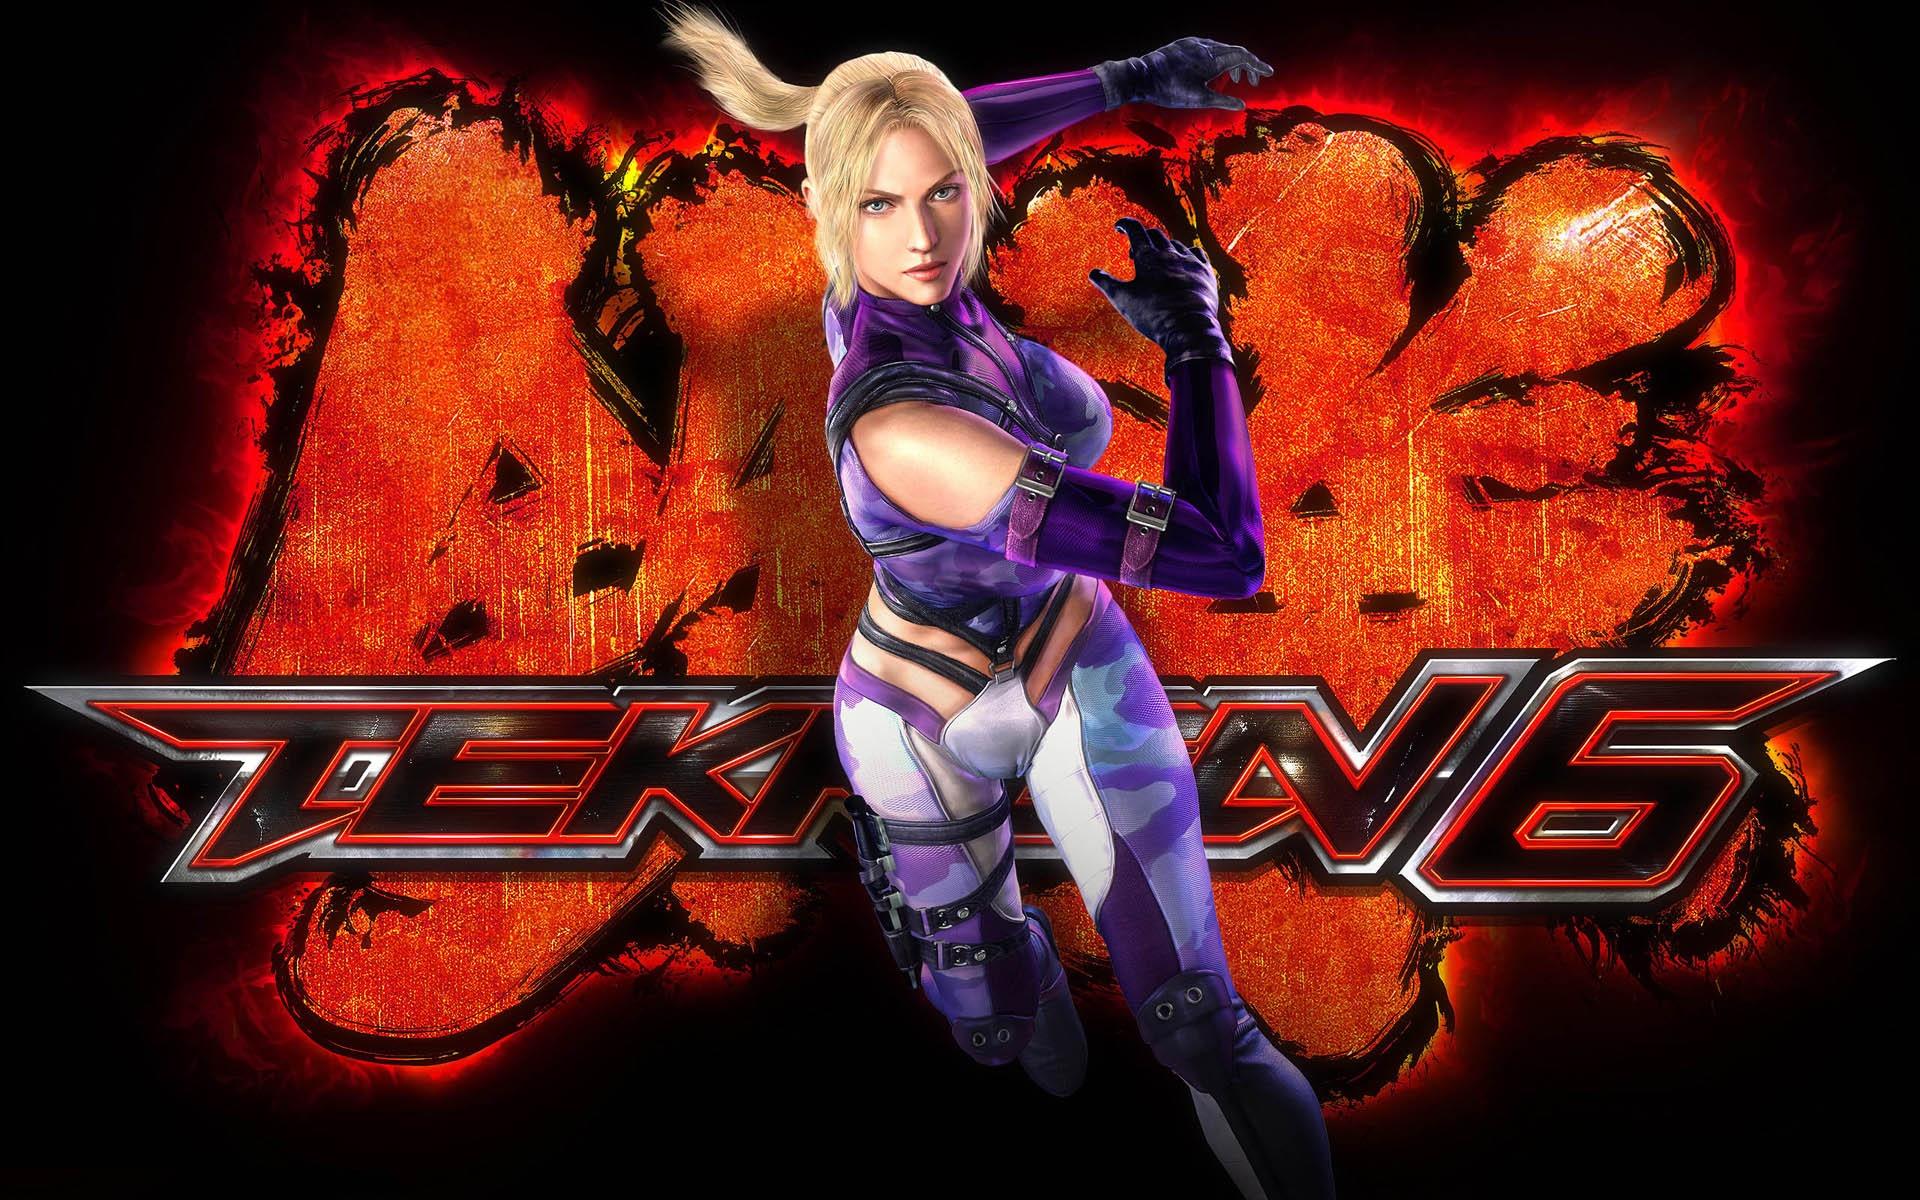 Tekken 6 Wallpaper